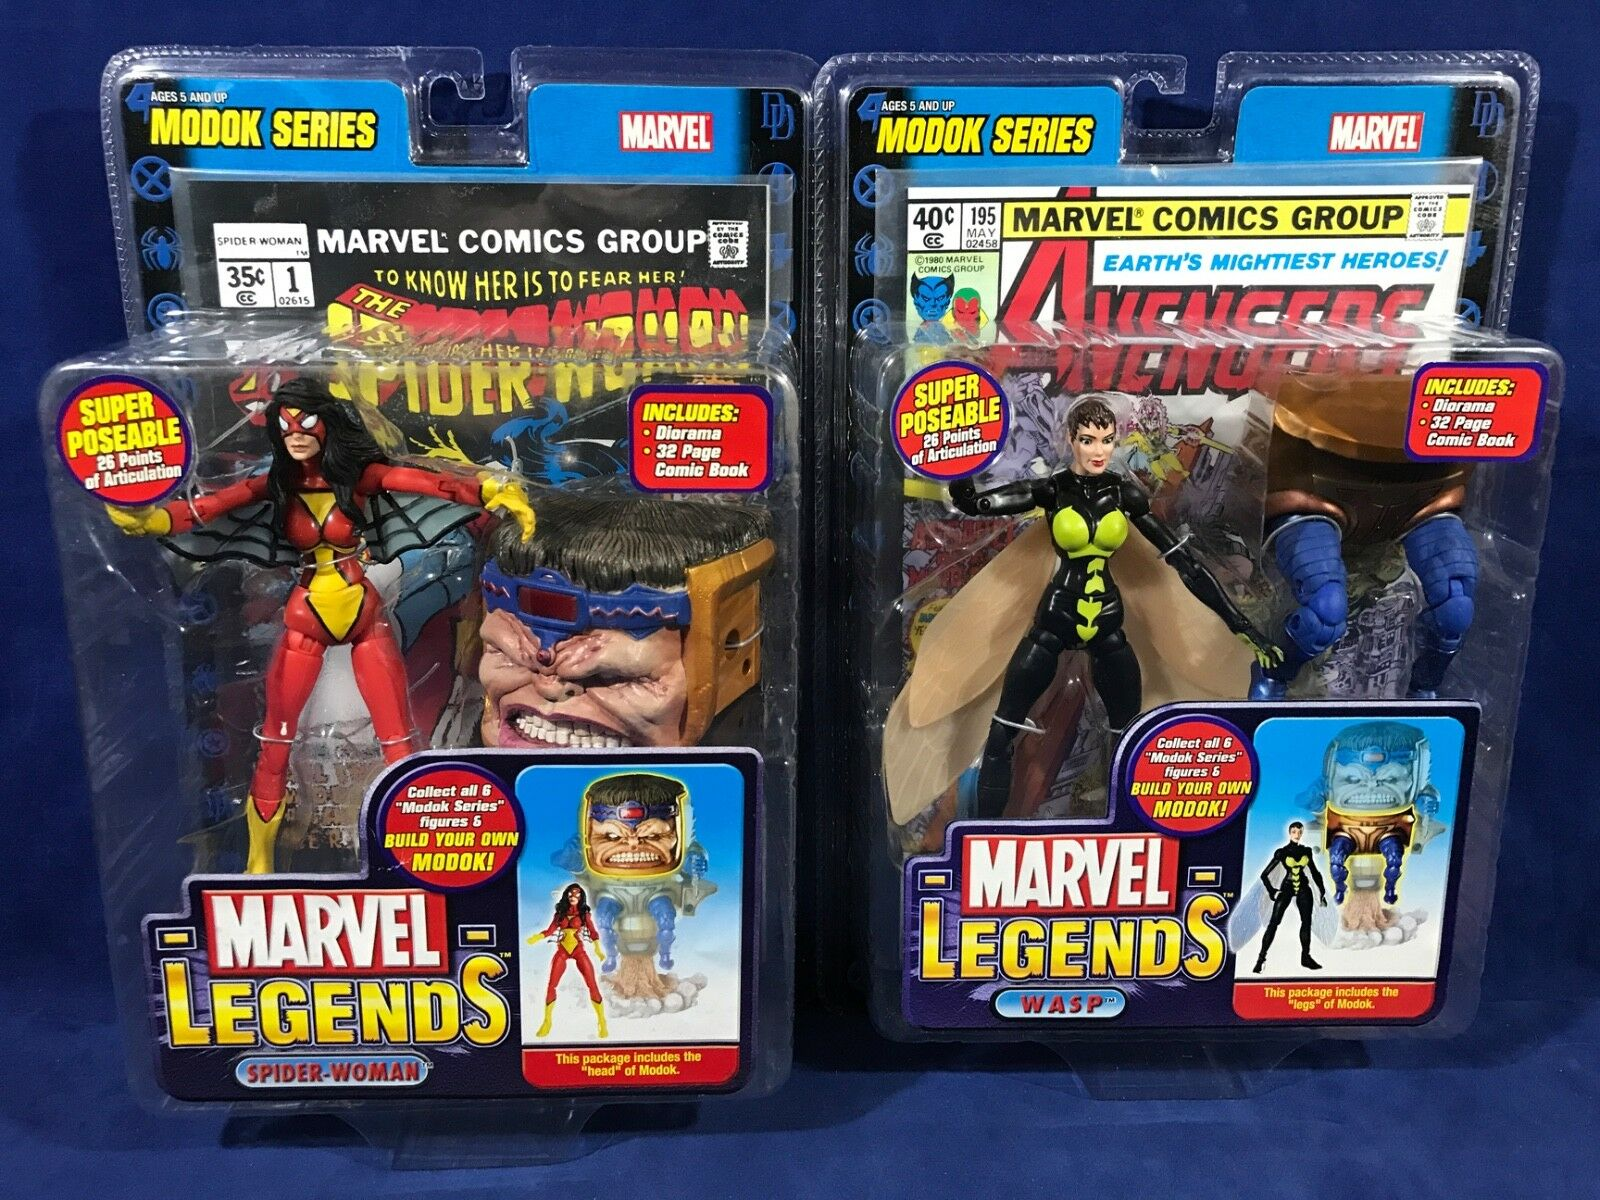 New WASP & SPIDER-Damenschuhe Action Figures MODOK SERIES Marvel Legends TOY BIZ 2006